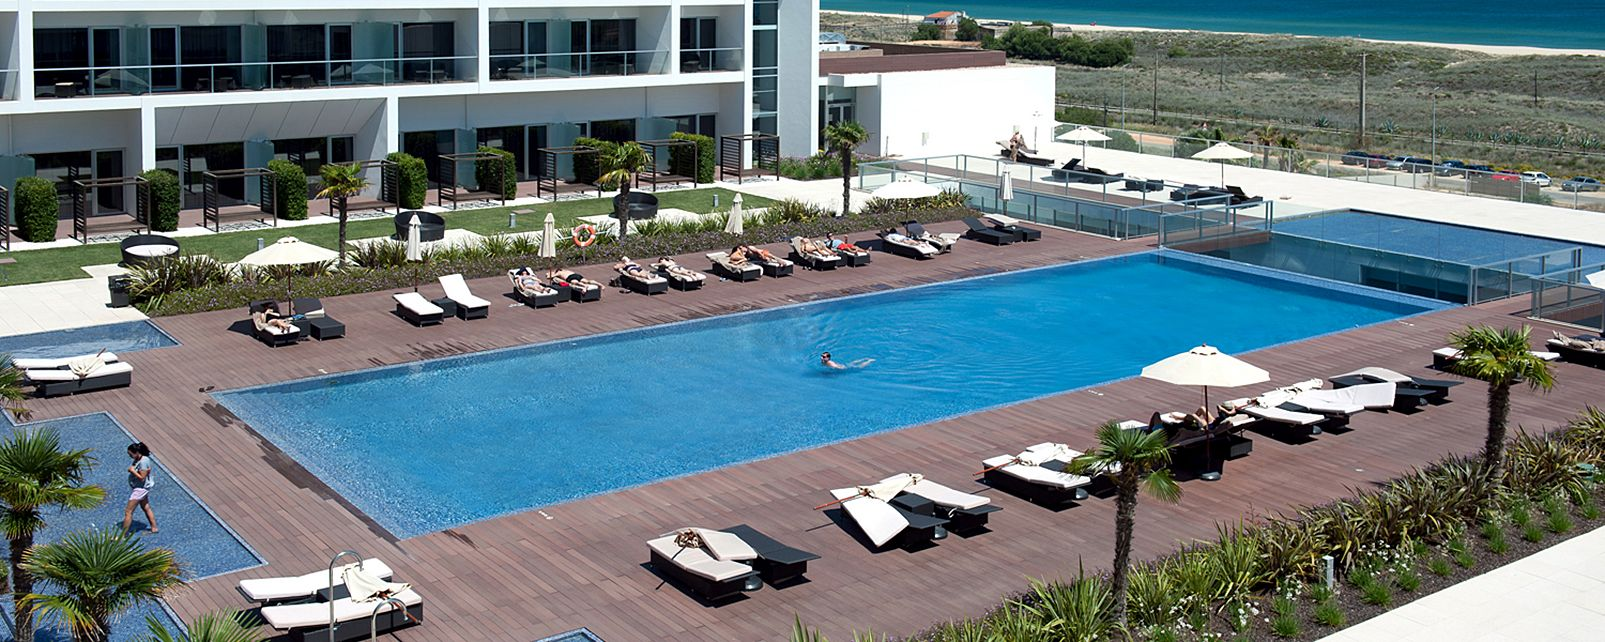 Hotel Yellow Lagos Meia Praia